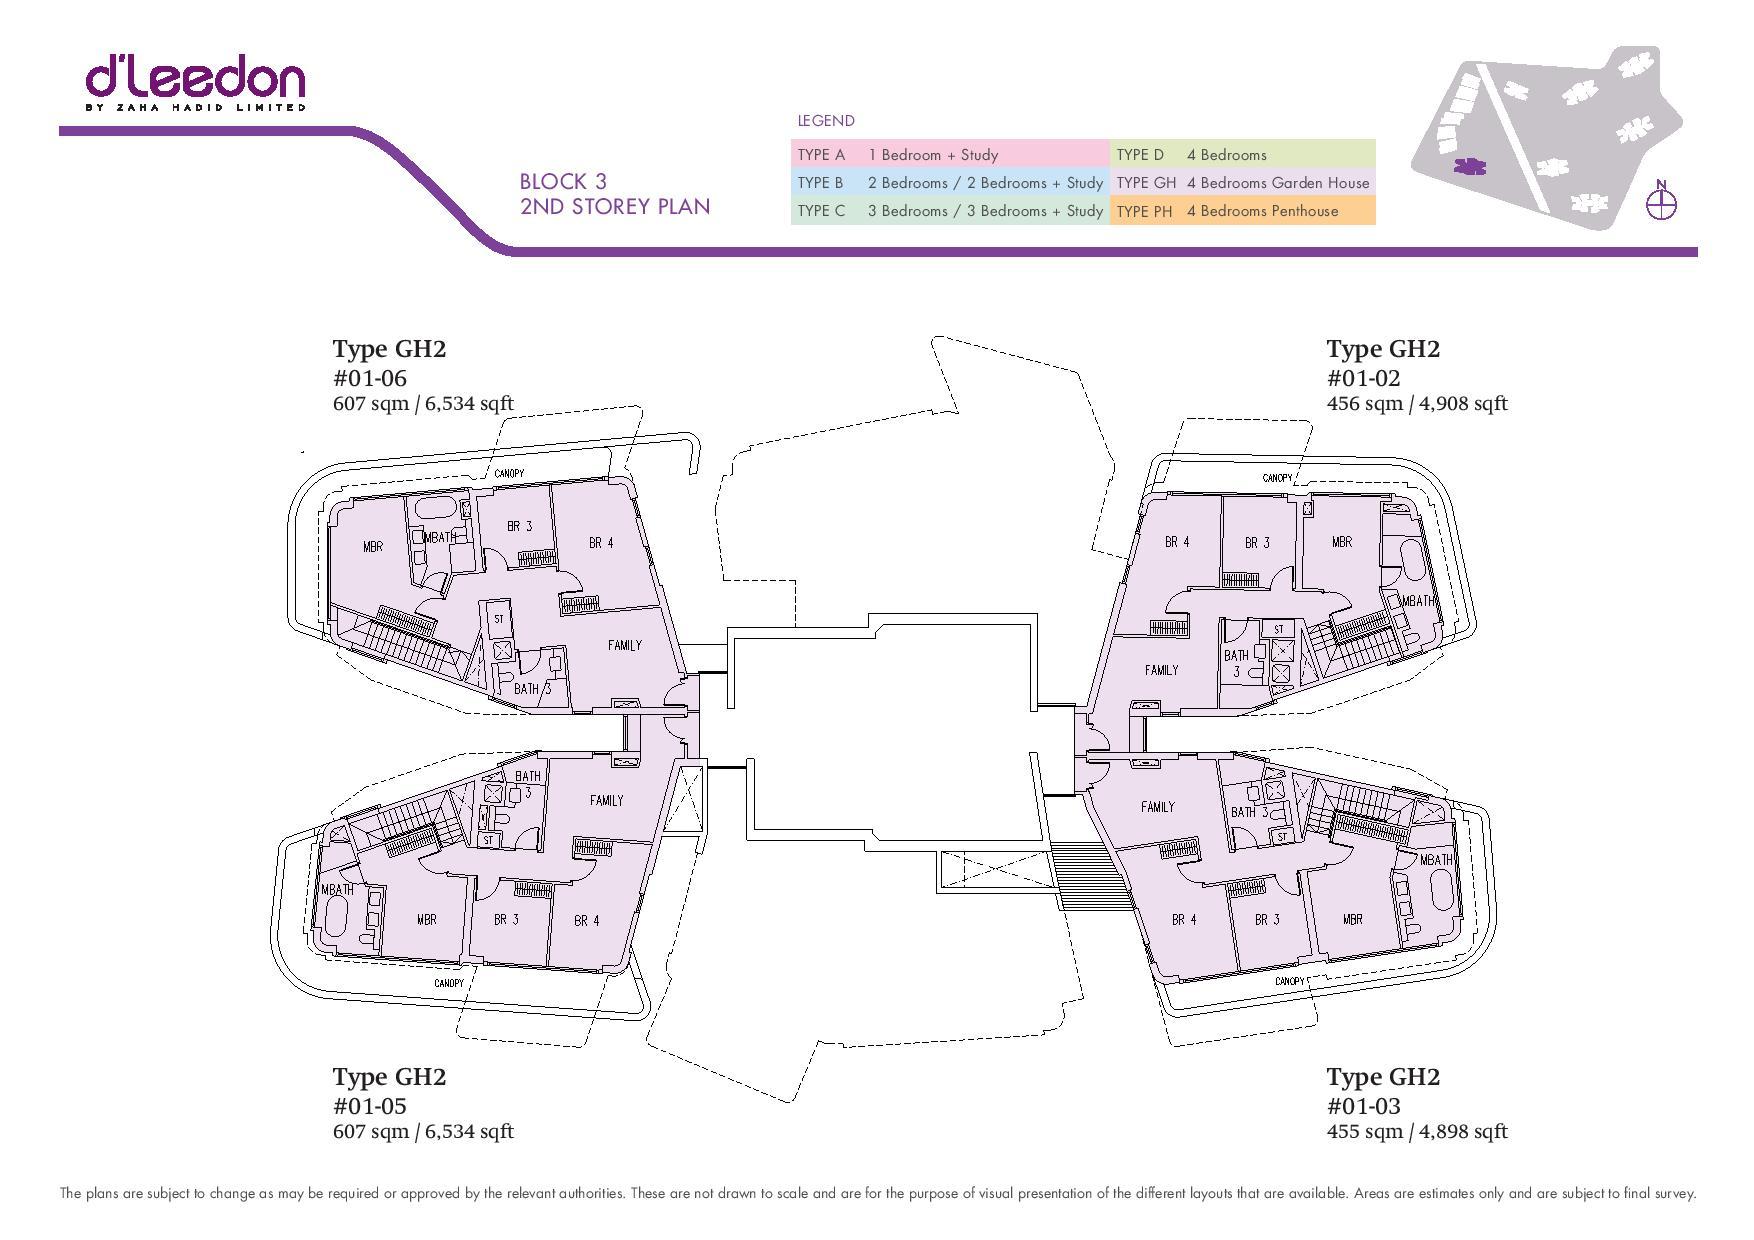 D'Leedon Block 2nd Storey Floor Plans